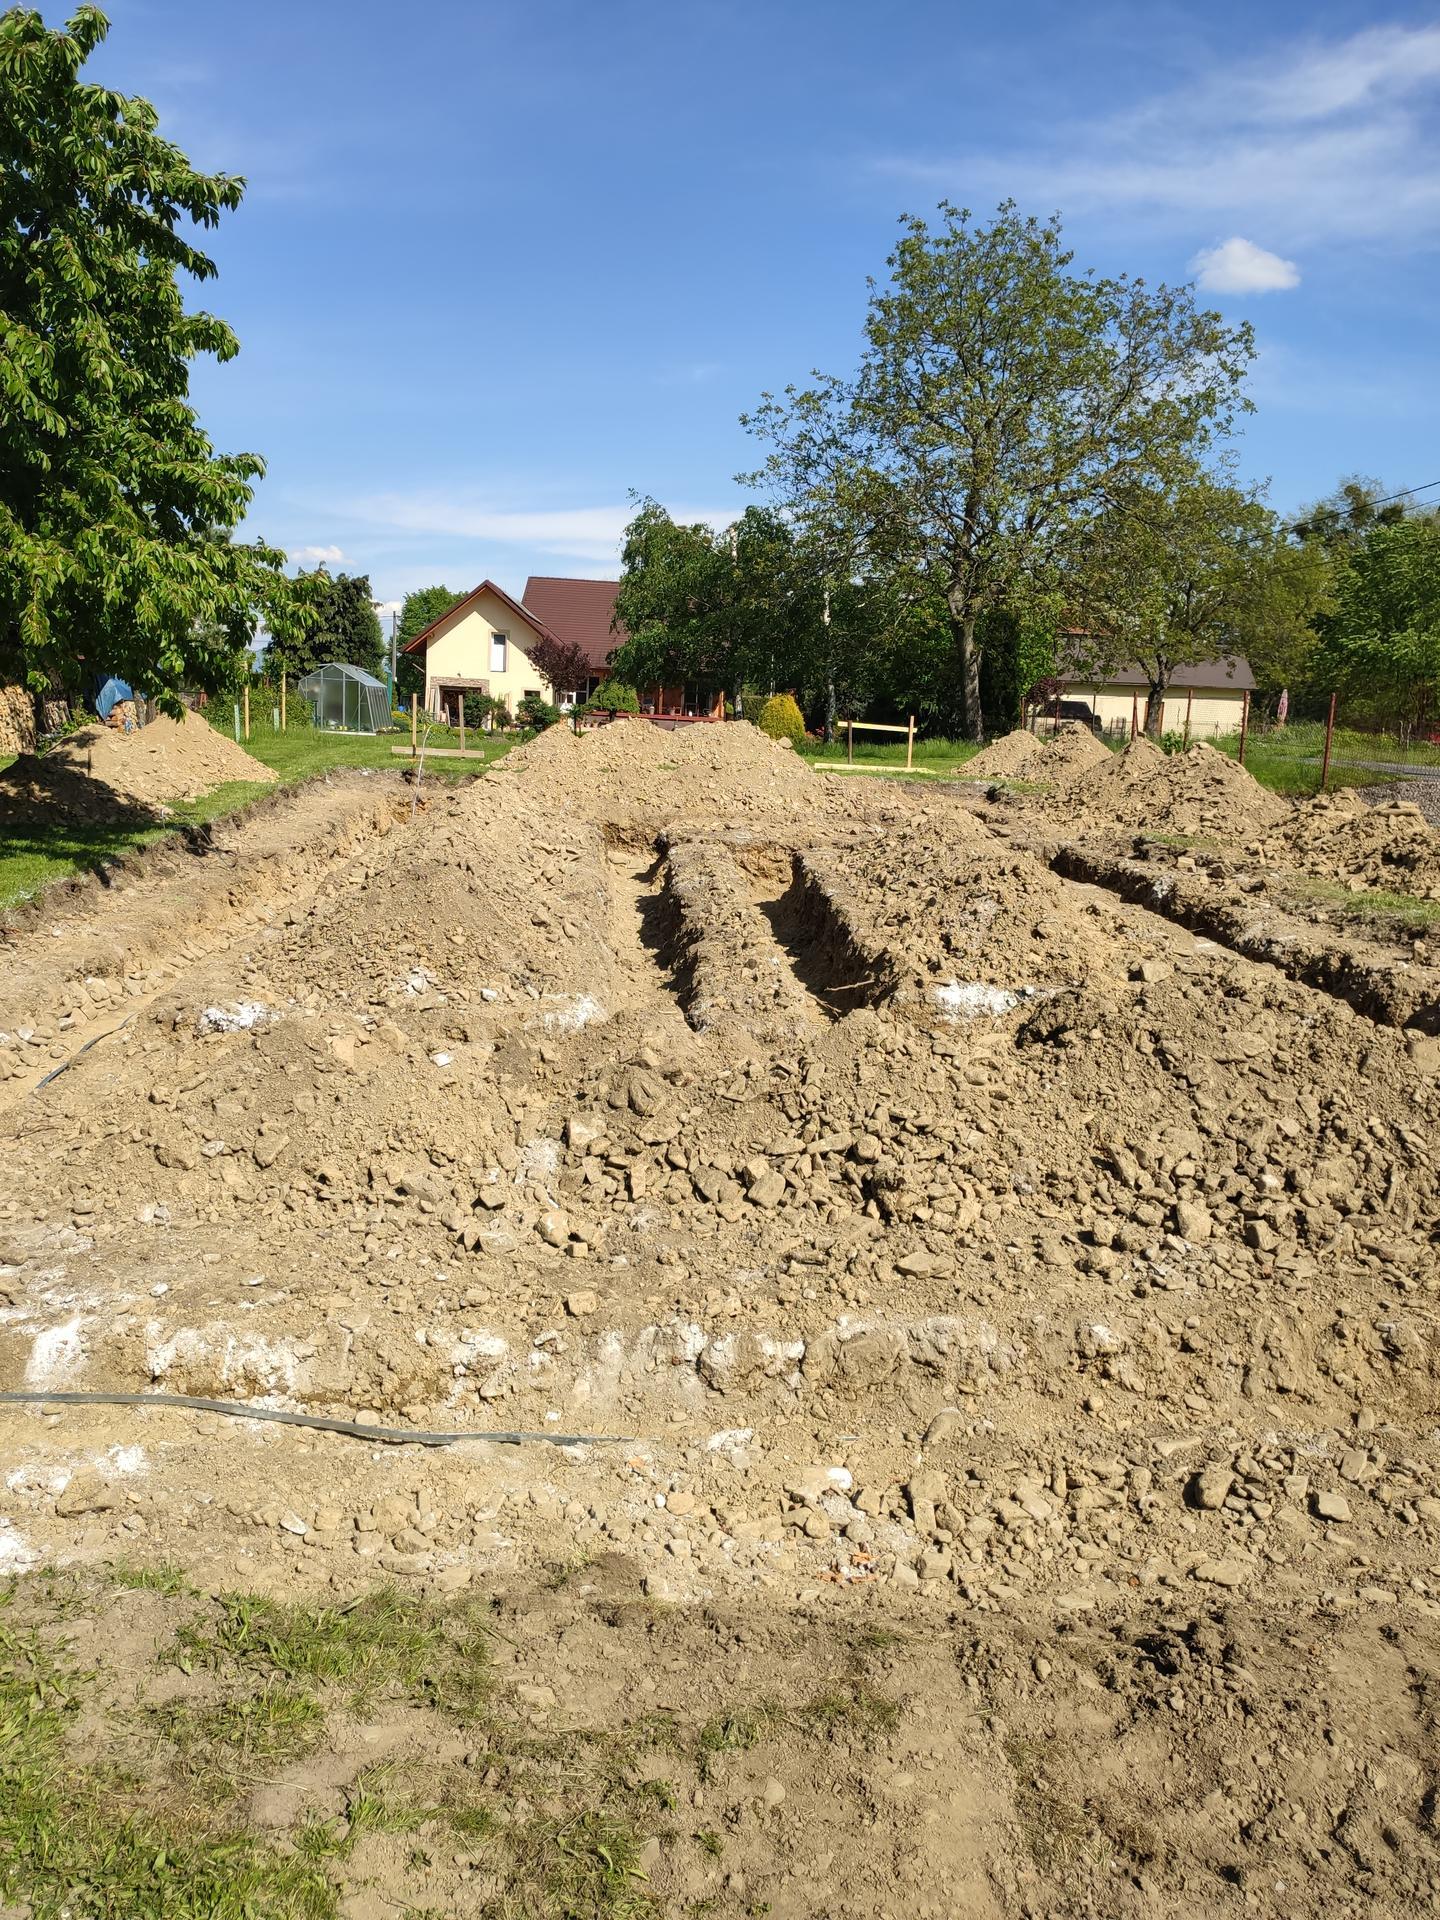 Začínáme si stavět náš dům 2020 - Obrázek č. 20